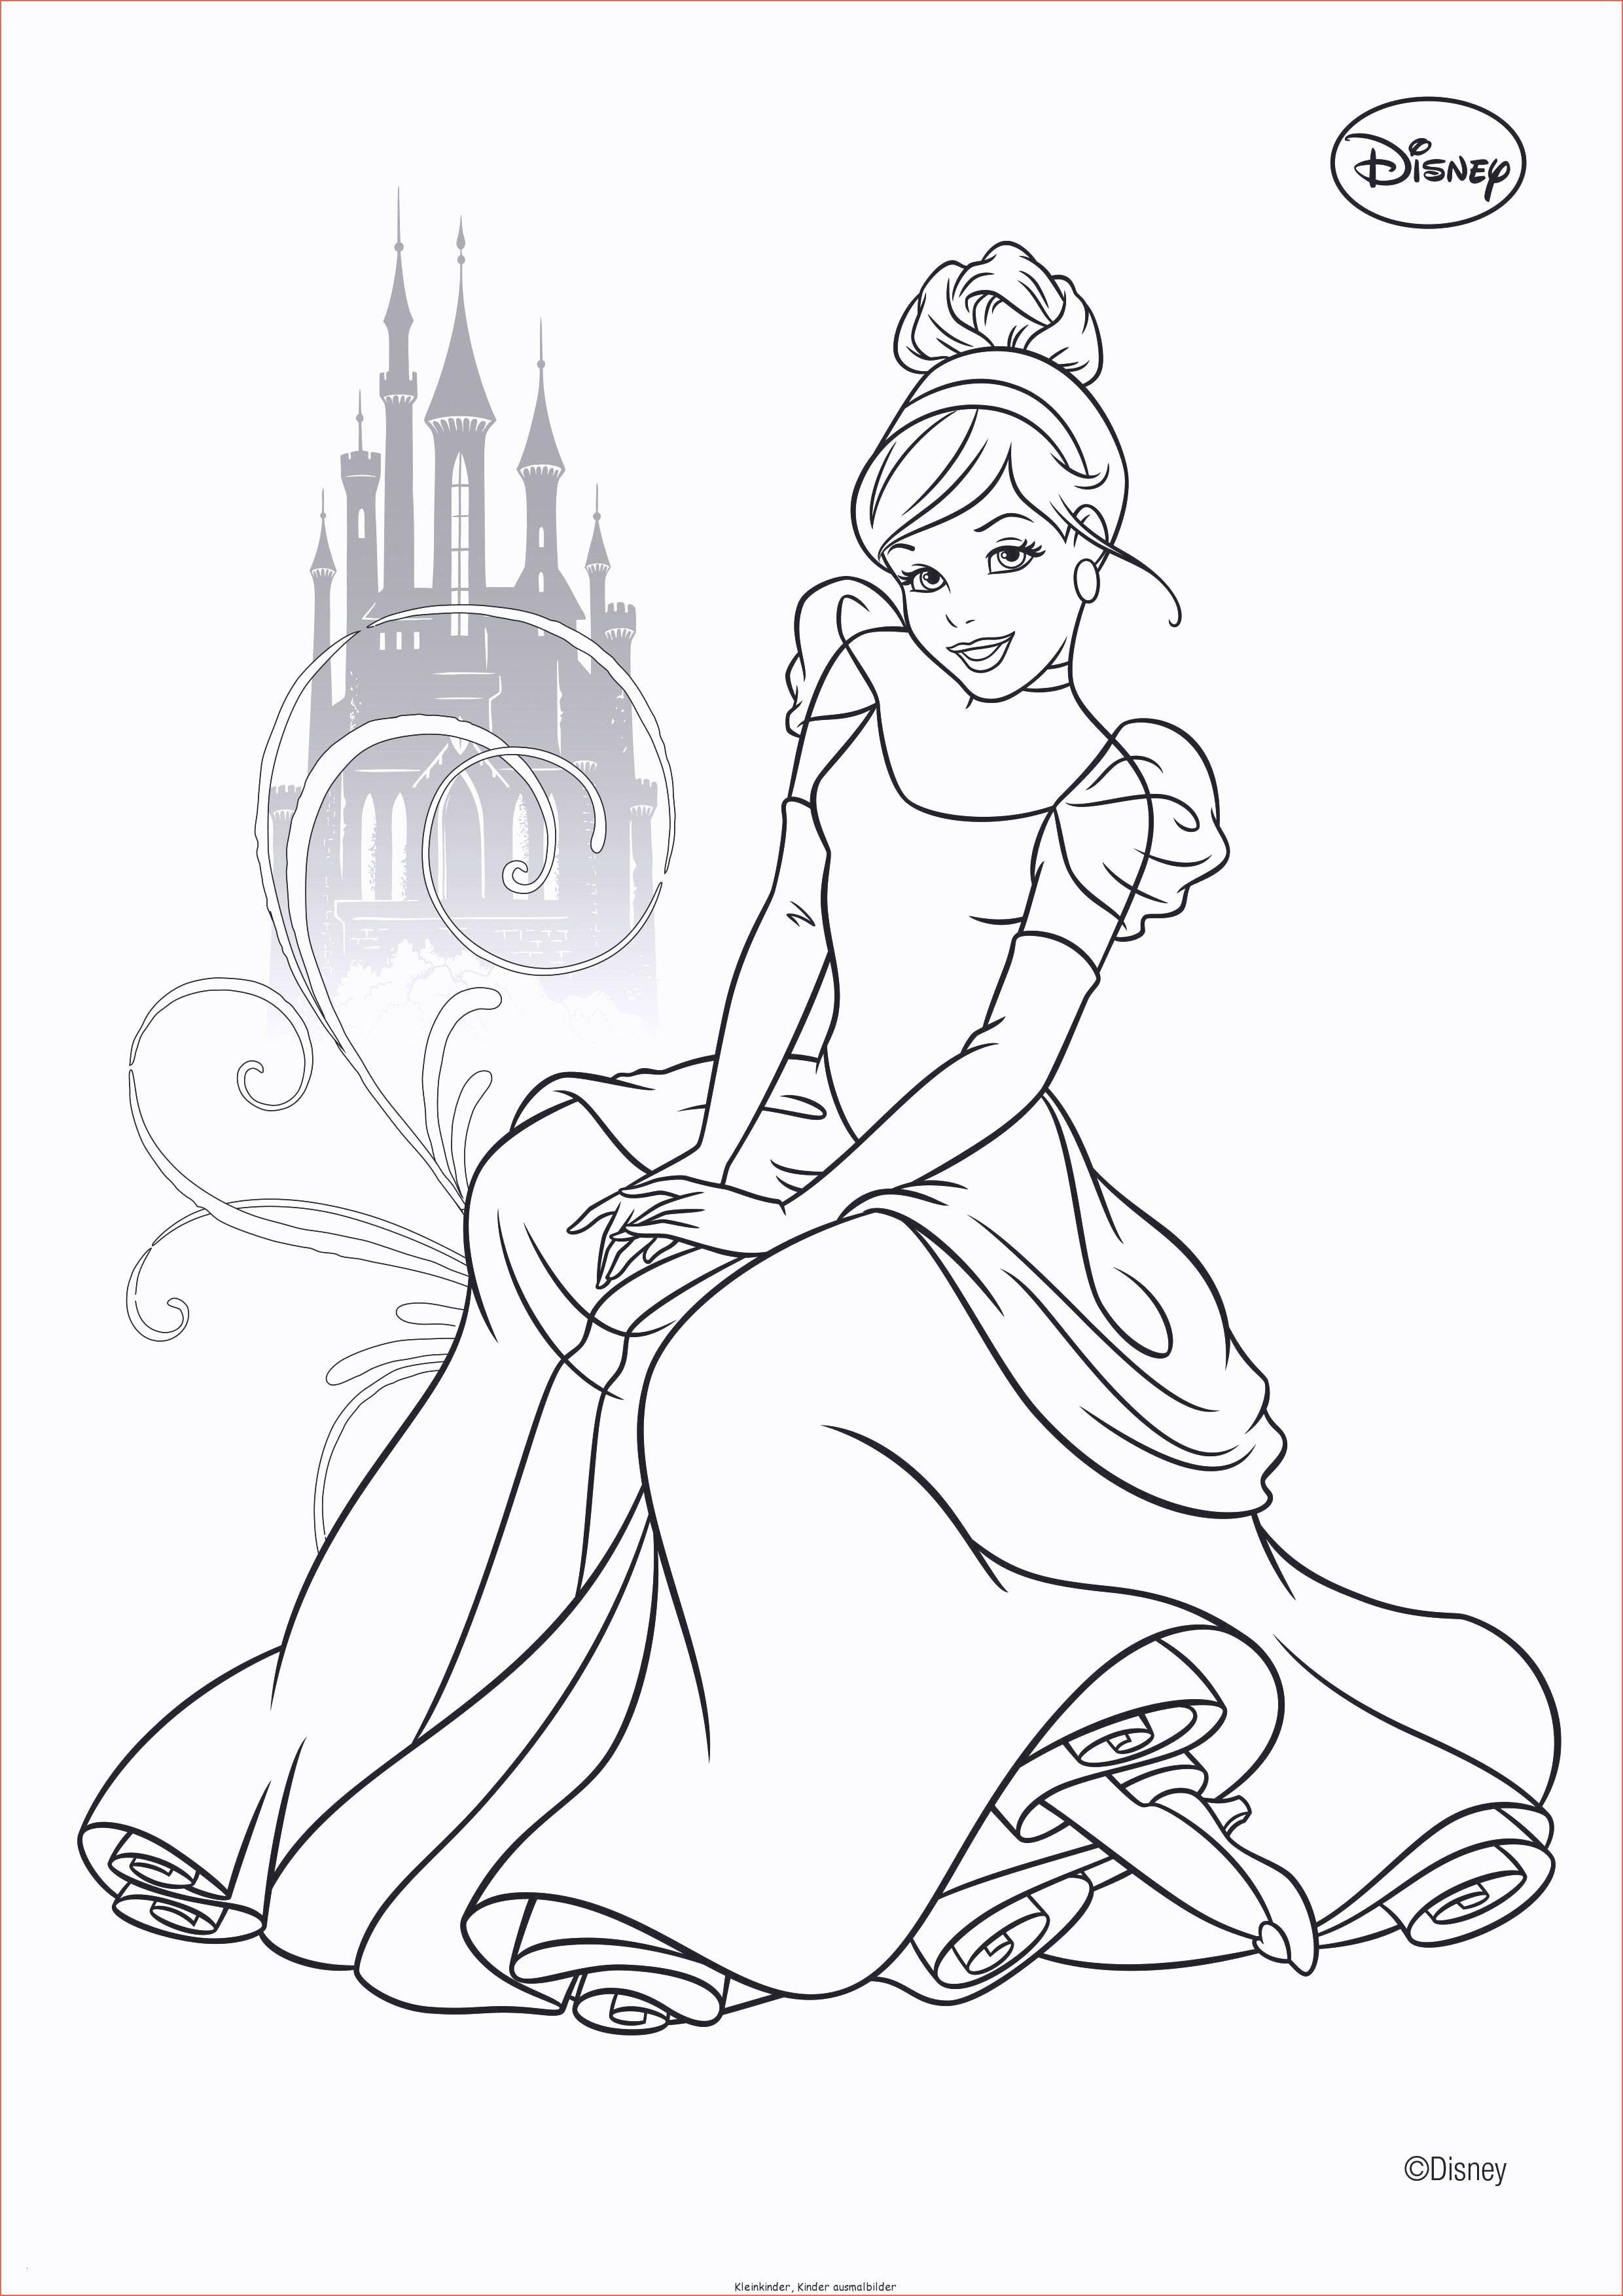 Ausmalbilder Zum Ausdrucken Disney Inspirierend 59 Fotos Designs Von Anna Und Elsa Ausmalbilder Zum Ausdrucken Bilder